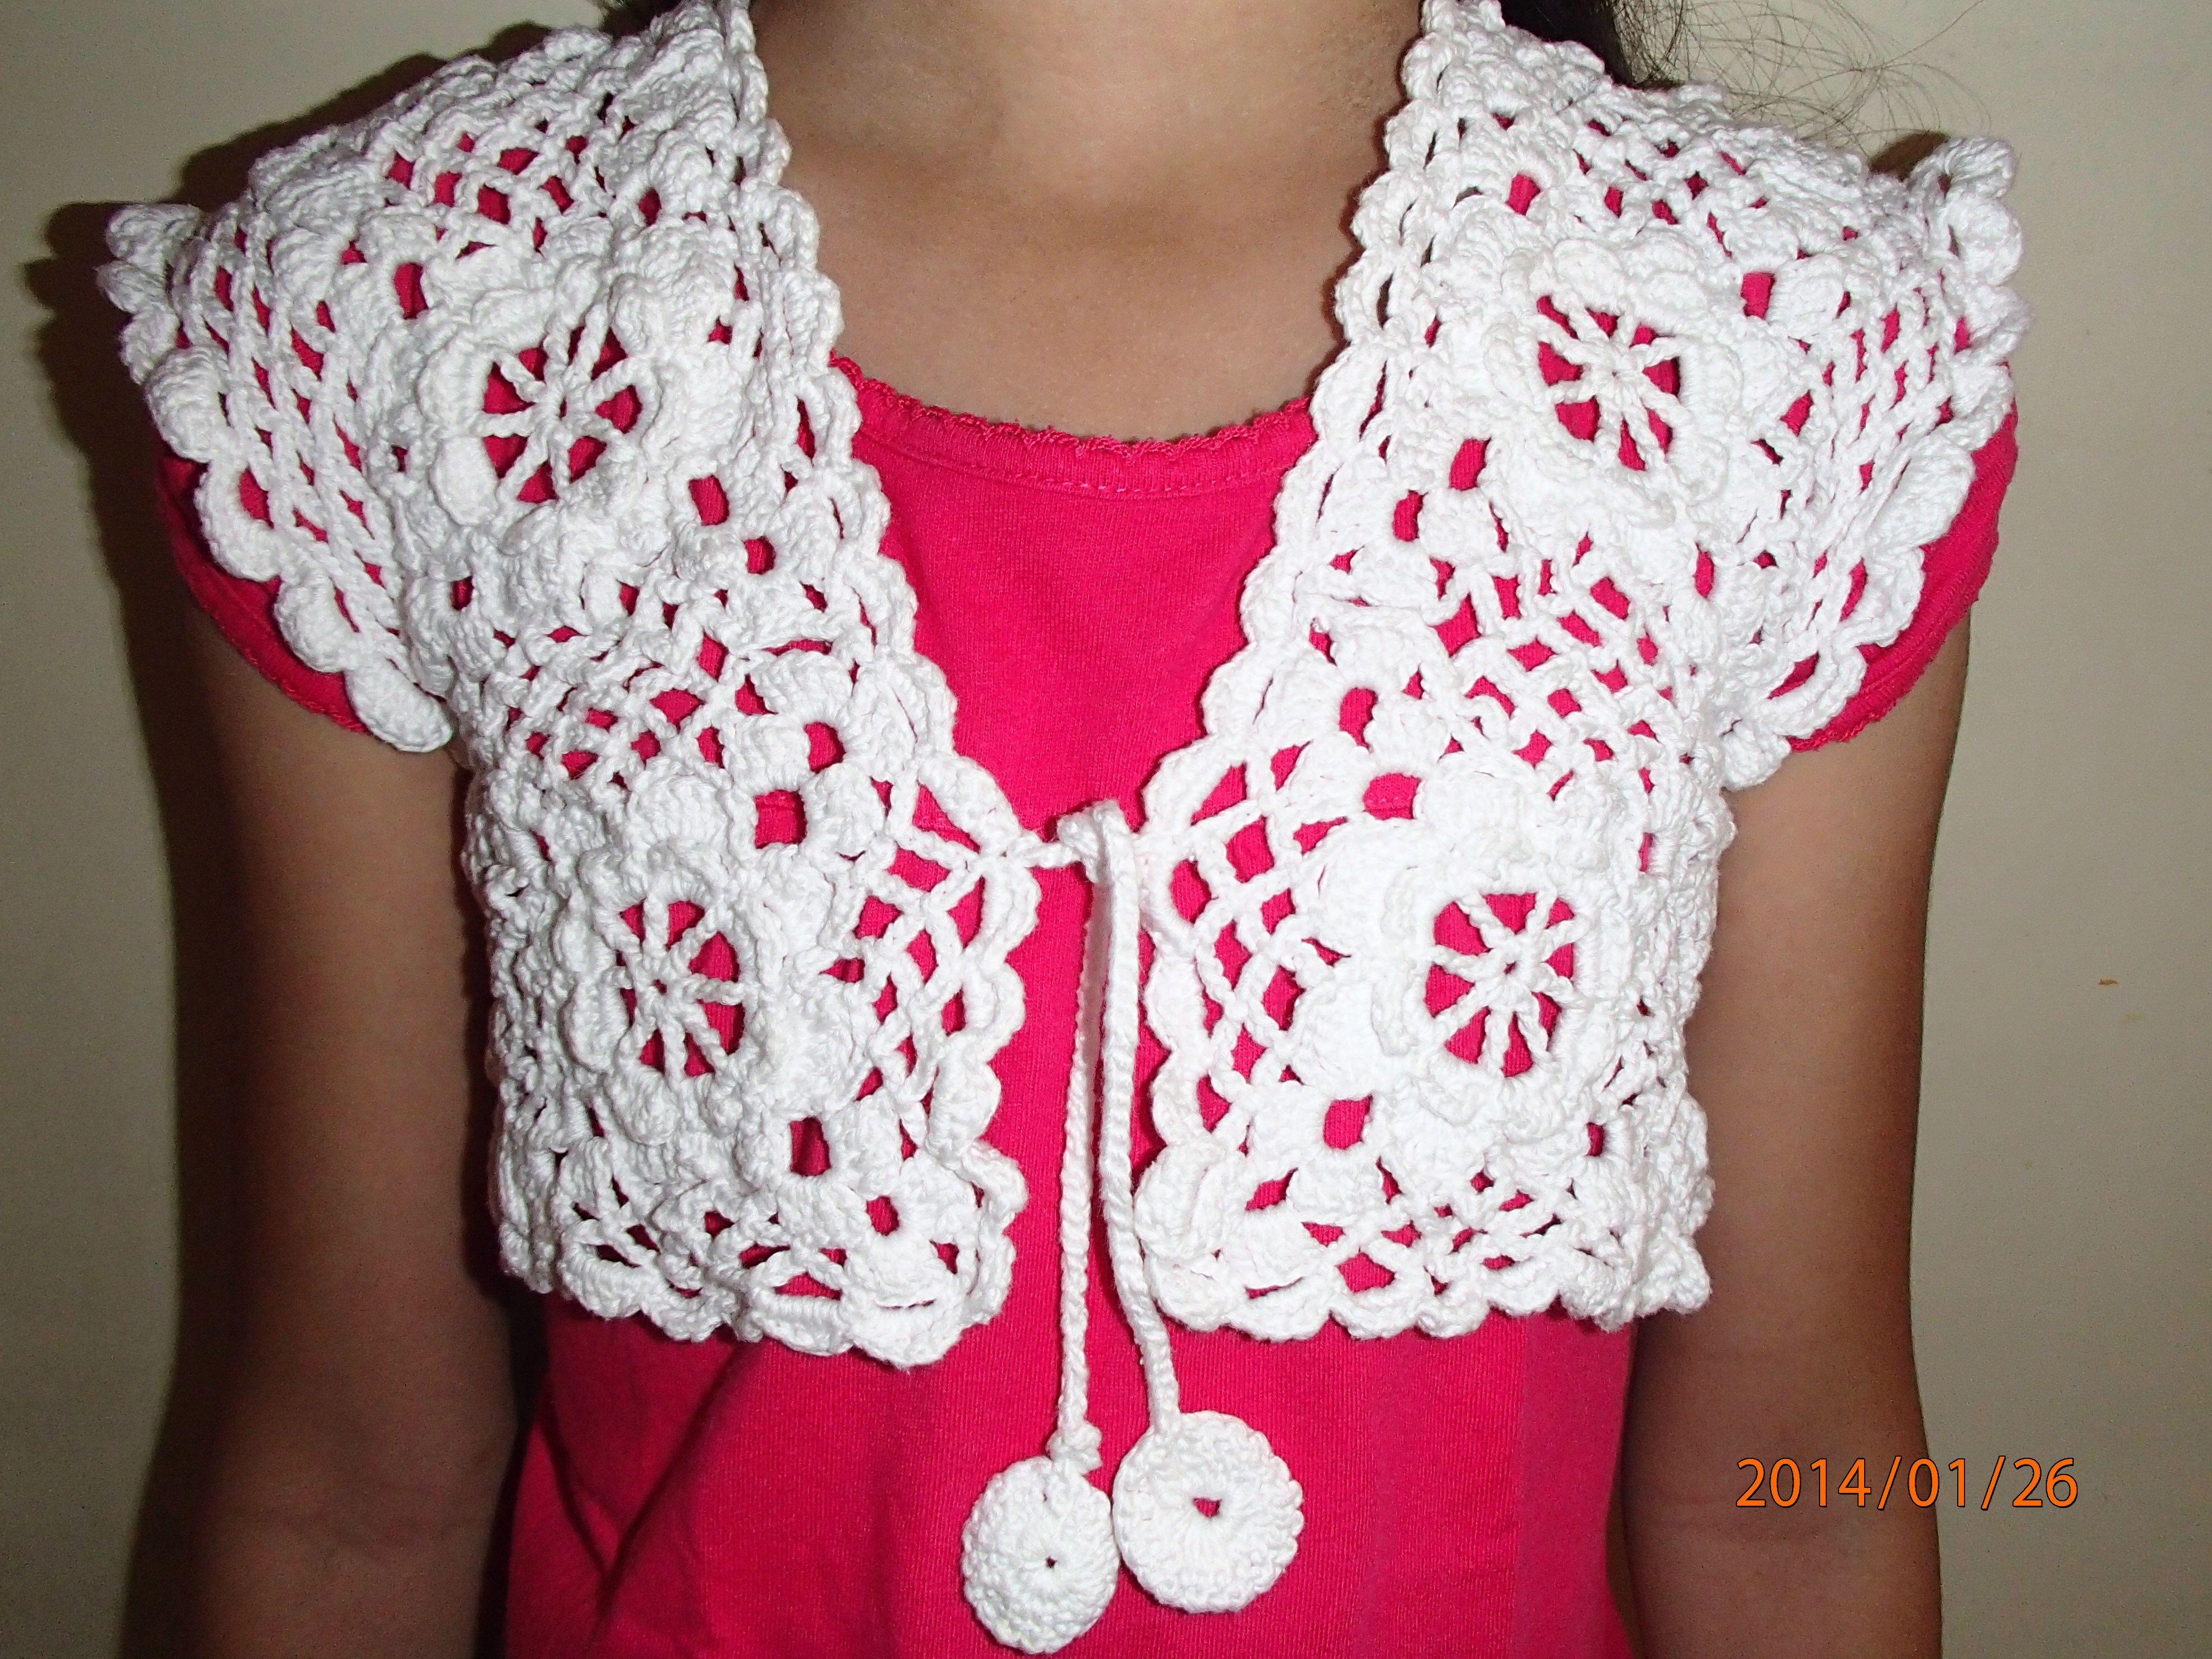 Crochet bolero for 7 years old girl Crochet Pinterest